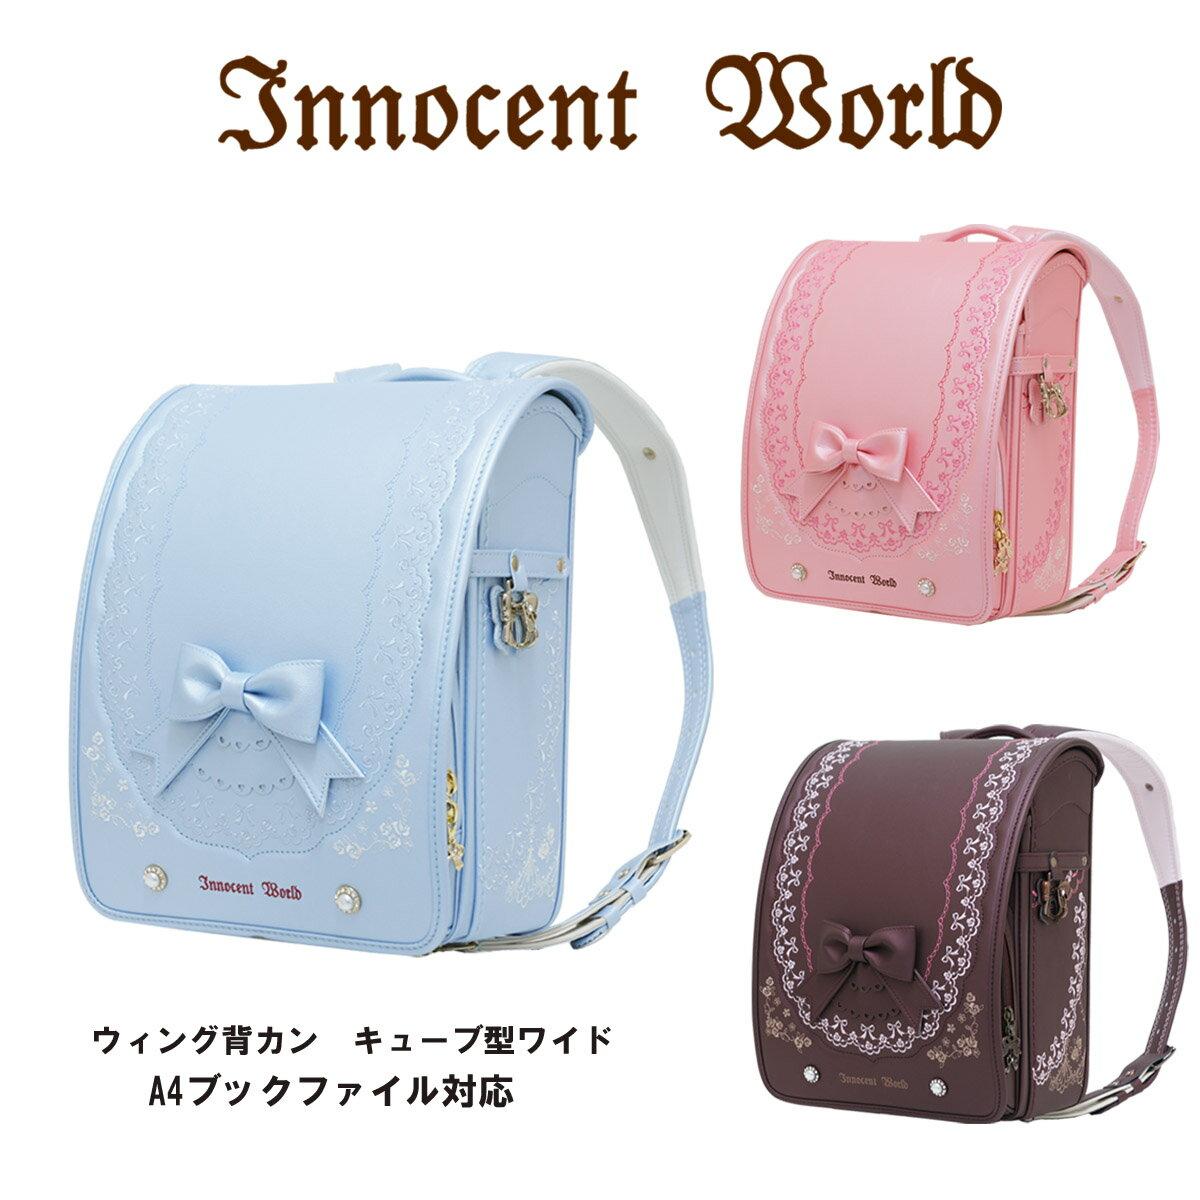 バッグ・ランドセル, ランドセル 2022 Innocent World (wide) 12cm 0118-0401 MADE IN JAPAN()